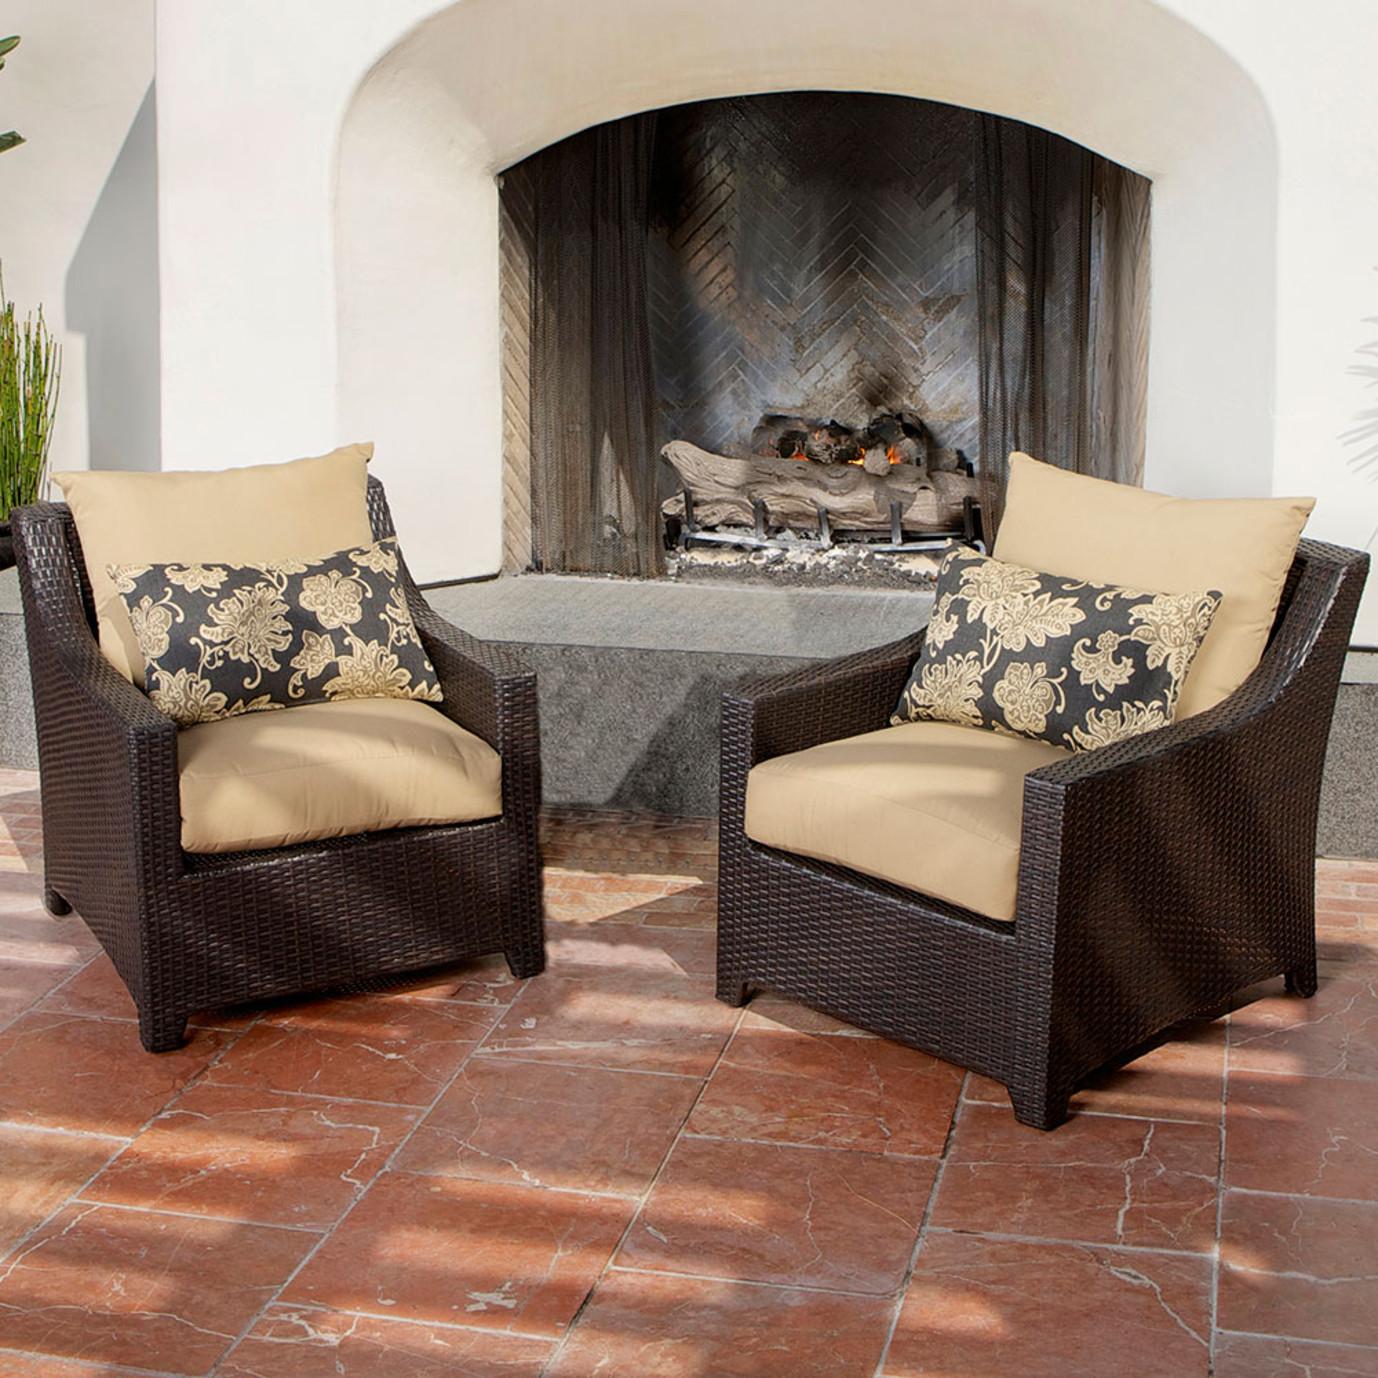 Deco 5pc Club Chair and Ottoman Set - Delano Beige